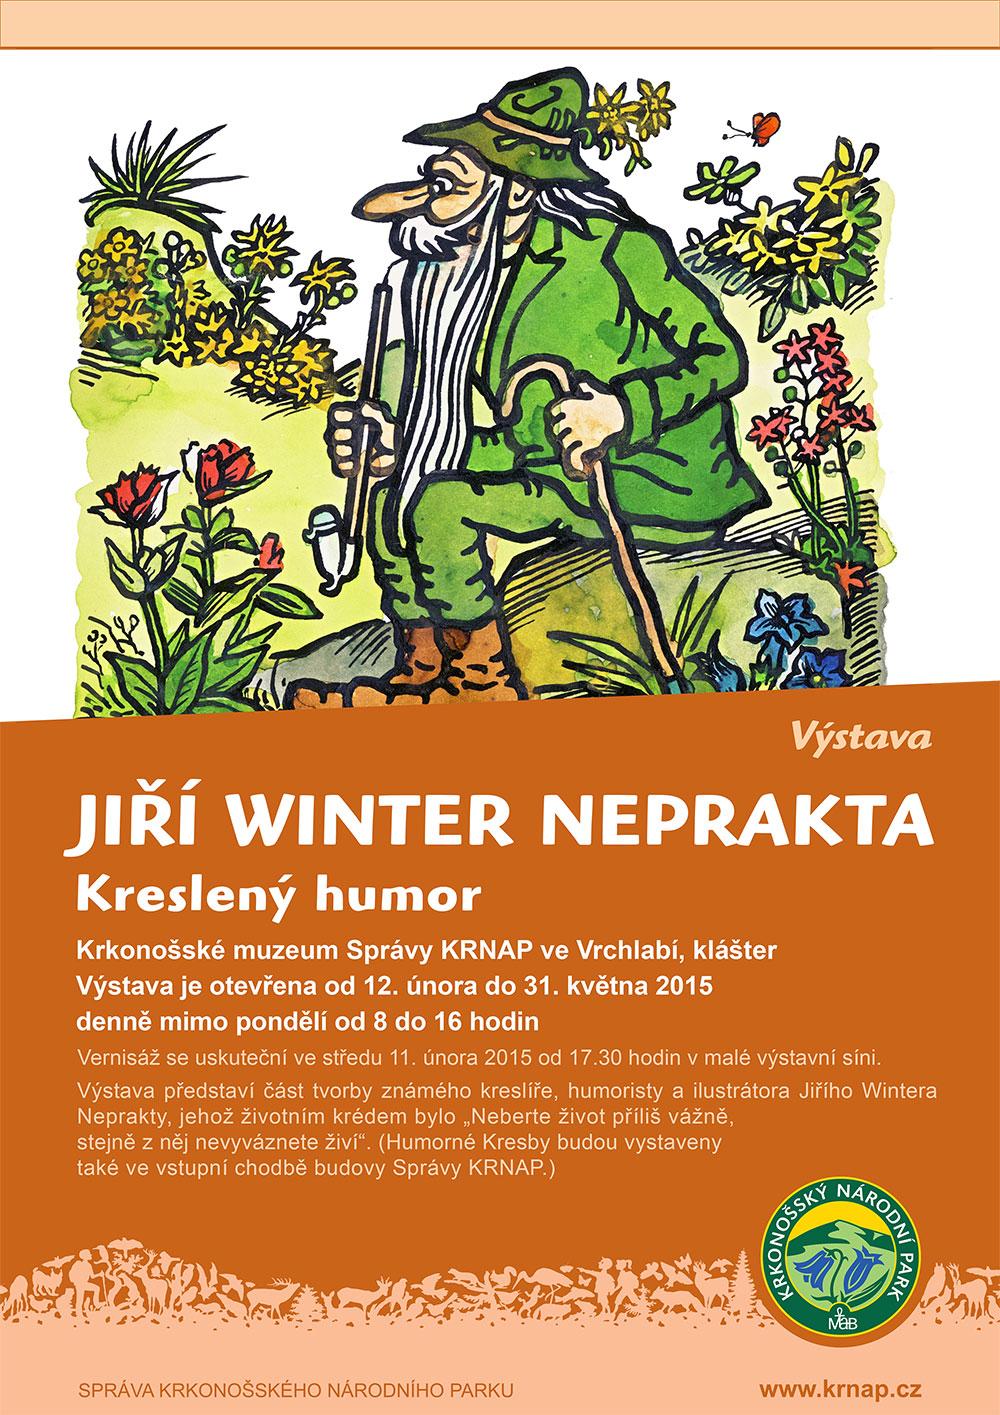 Jiří Winter Neprakta - Kreslený humor